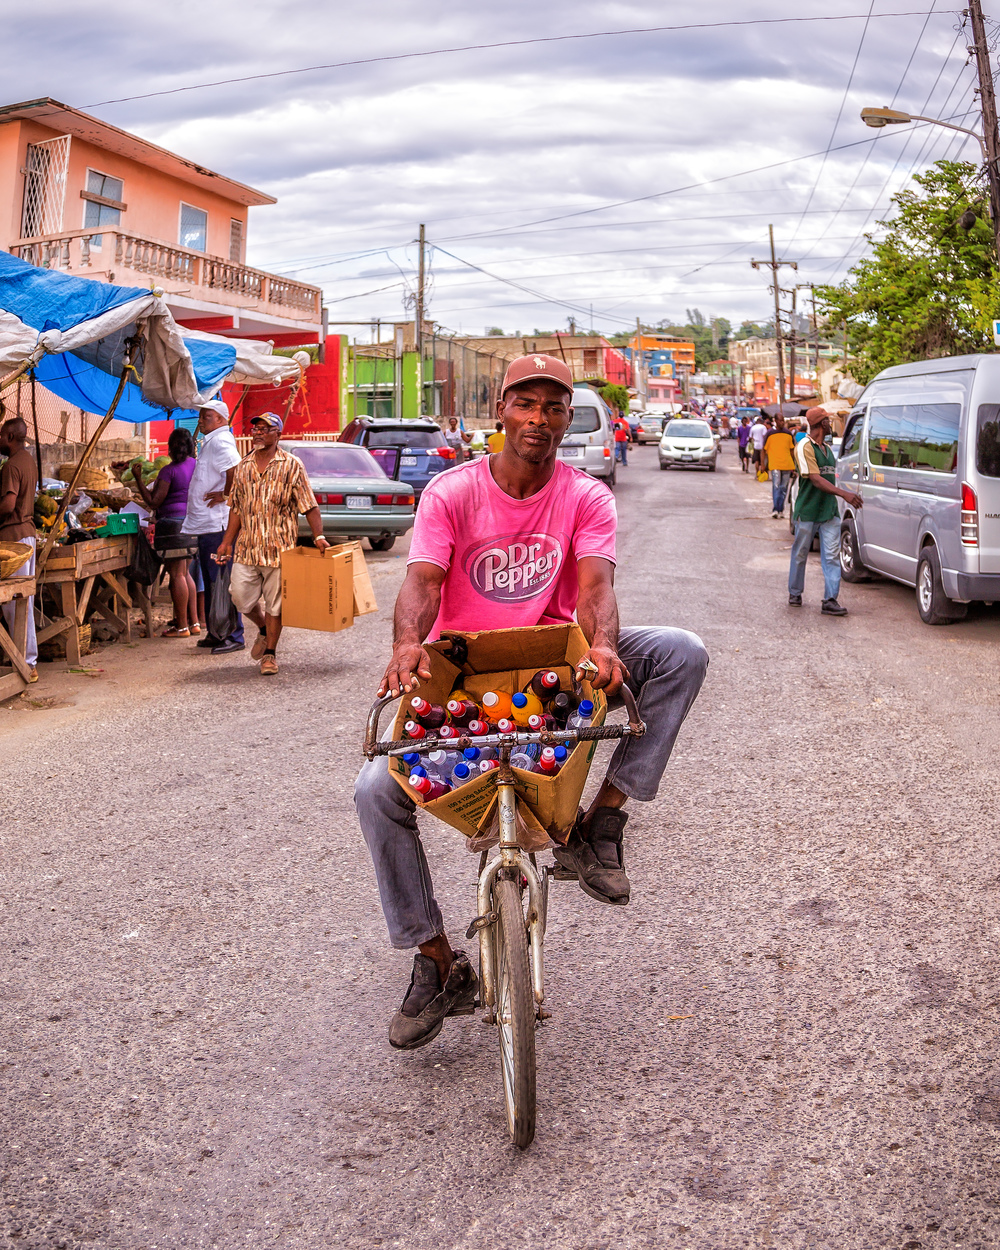 An unusual drinks vendor in Montego Bay Fruit Market in Jamaica